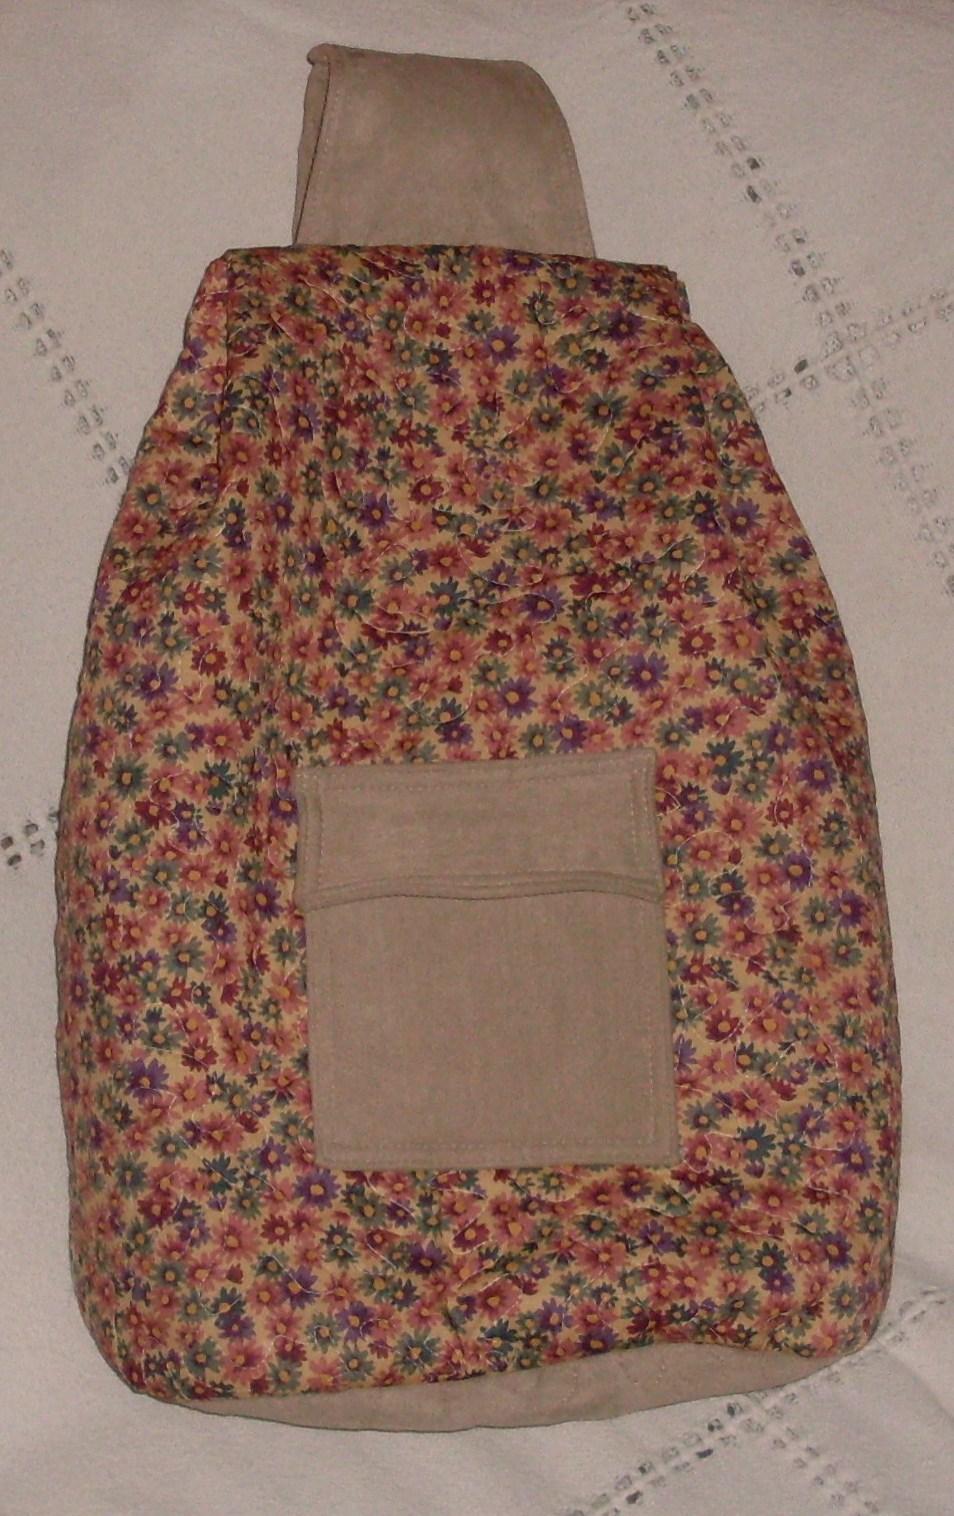 Bolsa De Tecido Forrada : Ateli? da binho bolsa mochila flor